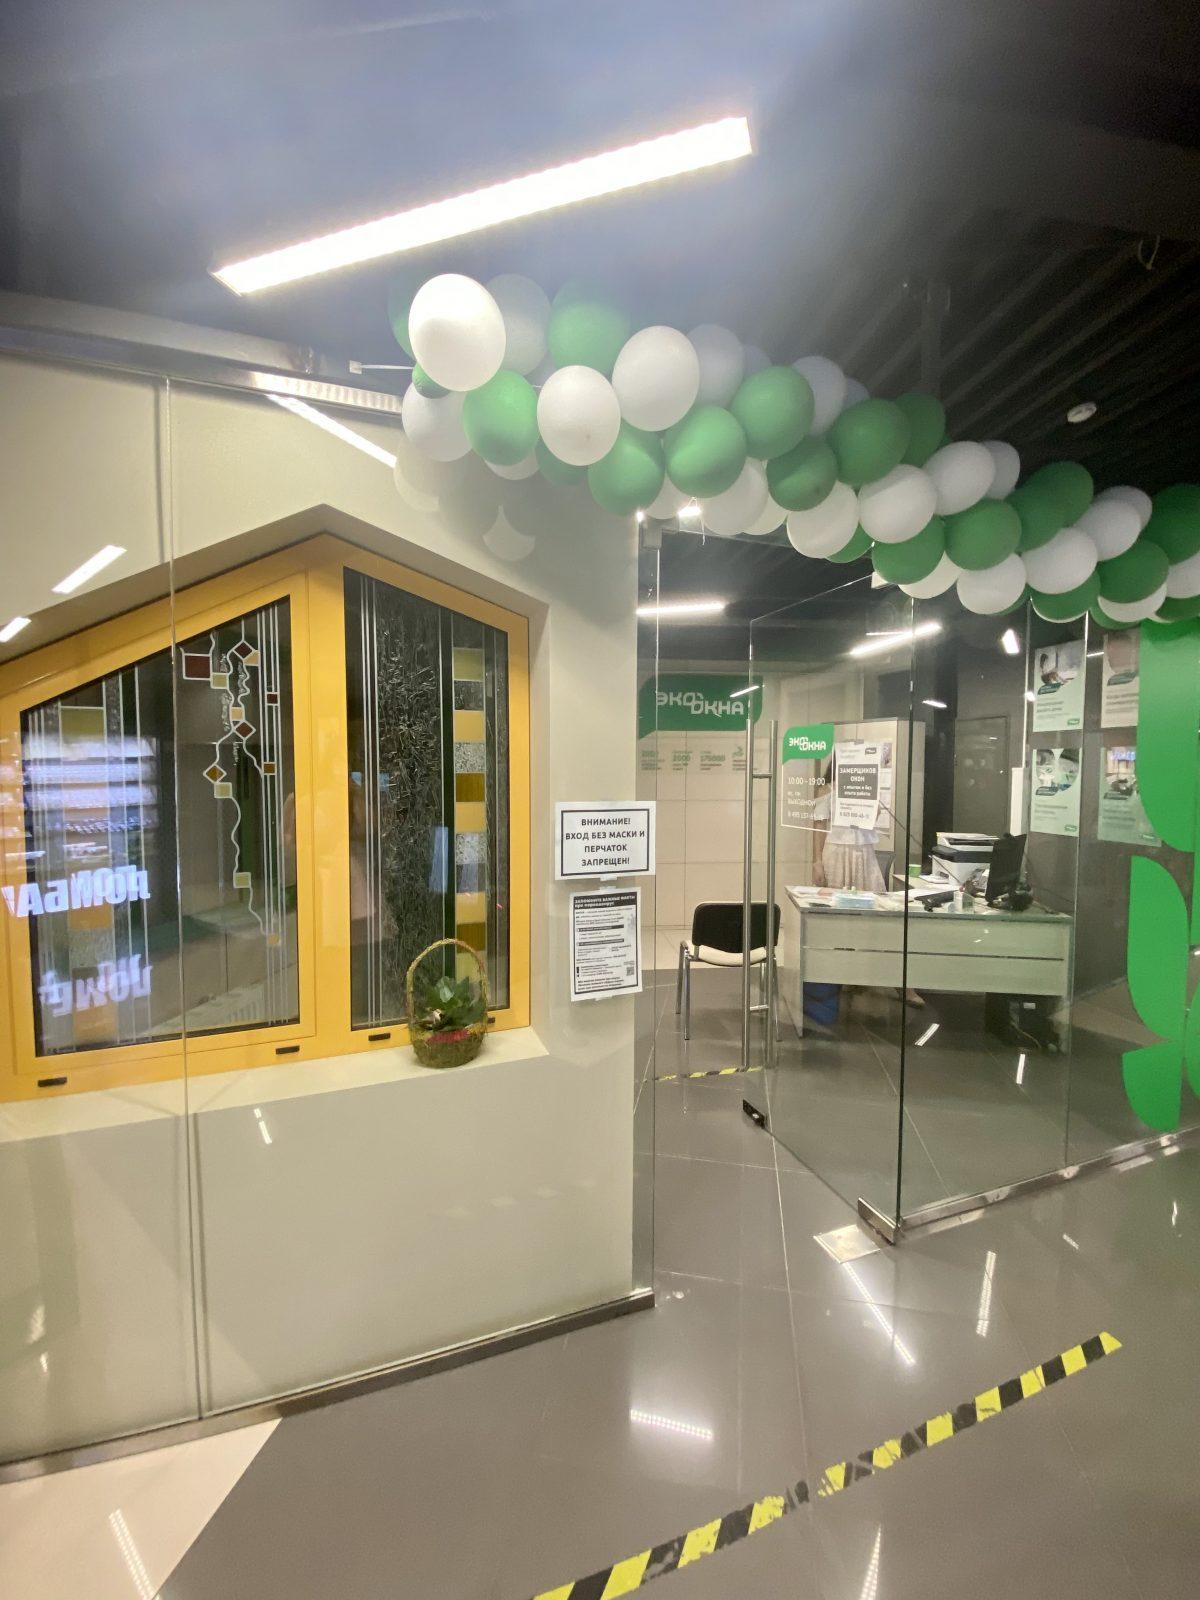 ЭКООКНА — один из лидеров российского рынка светопрозрачных конструкций. С 2002 года компания производит, поставляет и обслуживает двери и окна из пластикового профиля VEKA, алюминия и дерева, а также зенитные фонари, зимние сады, входные группы, фасадные системы.